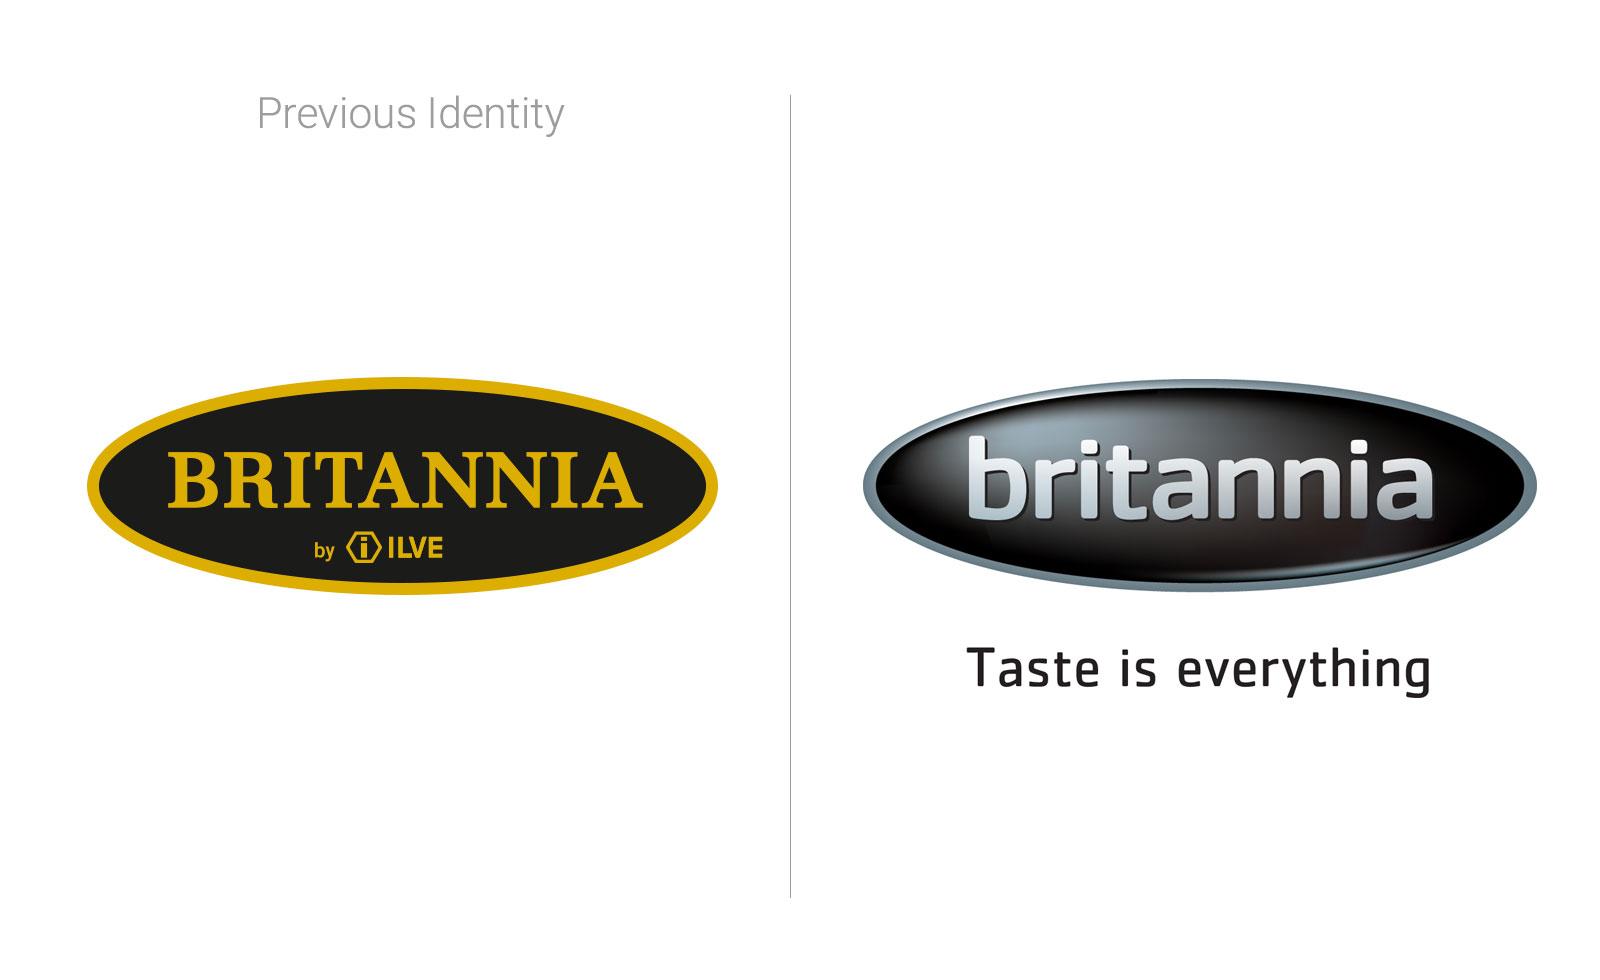 britannia new logo